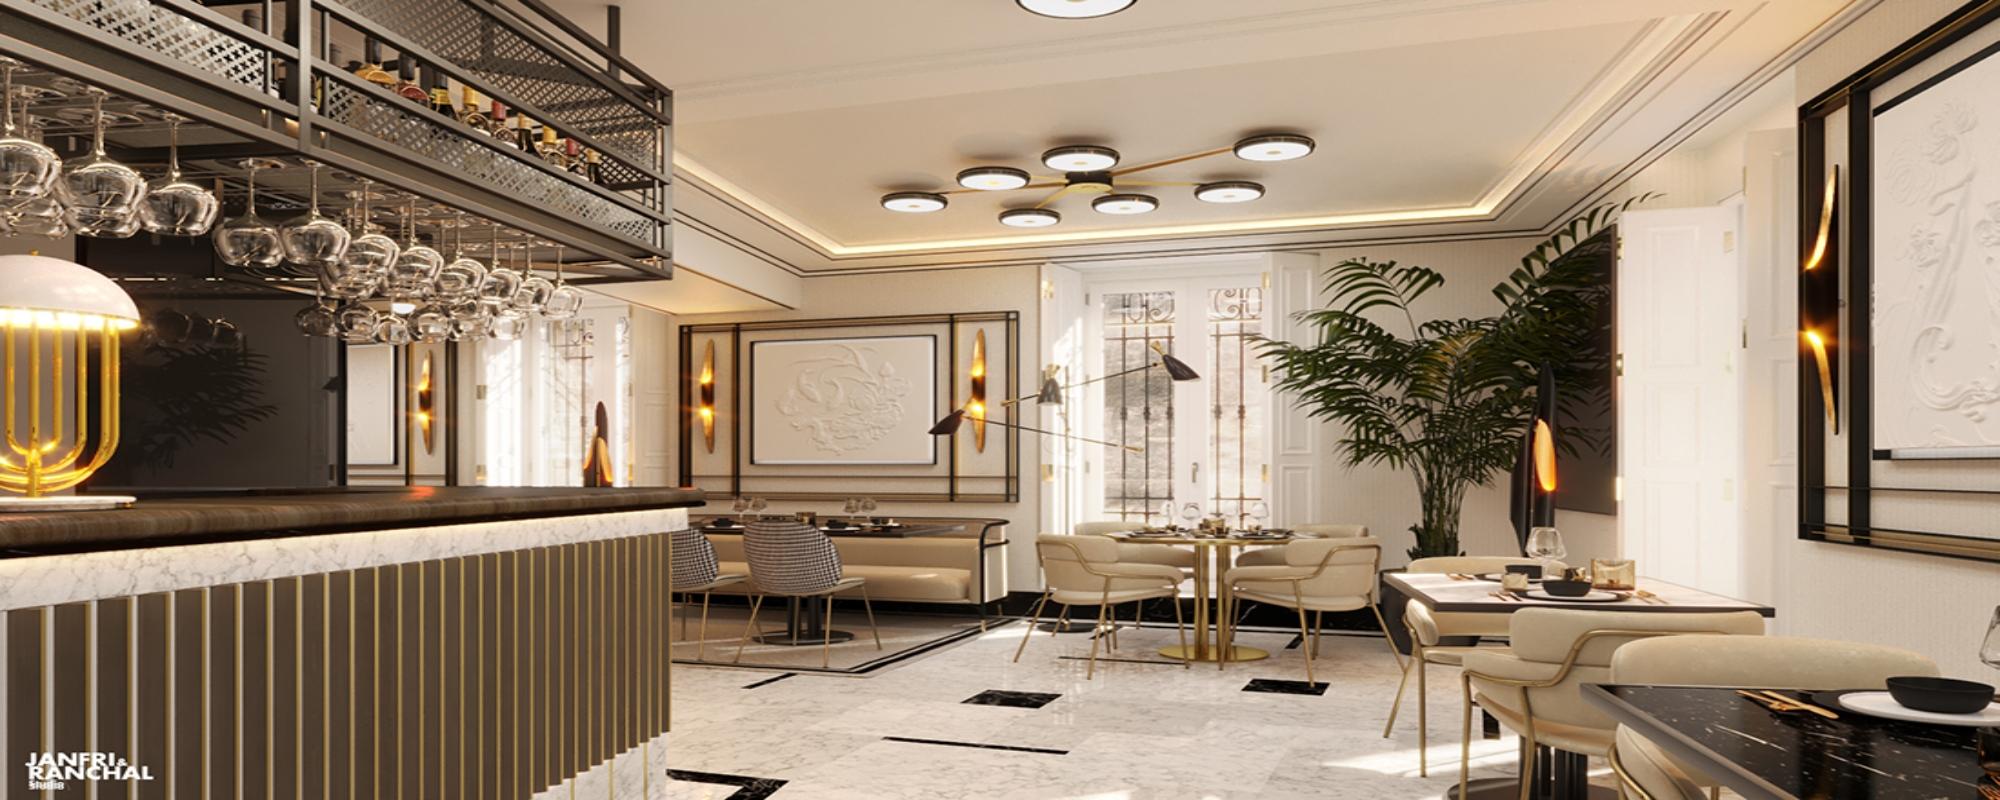 Estudio de Interiorismo: Janifri Ranchal con espacios elegantes estudio de interiorismo Estudio de Interiorismo: Janfri Ranchal con espacios elegantes Featured 11